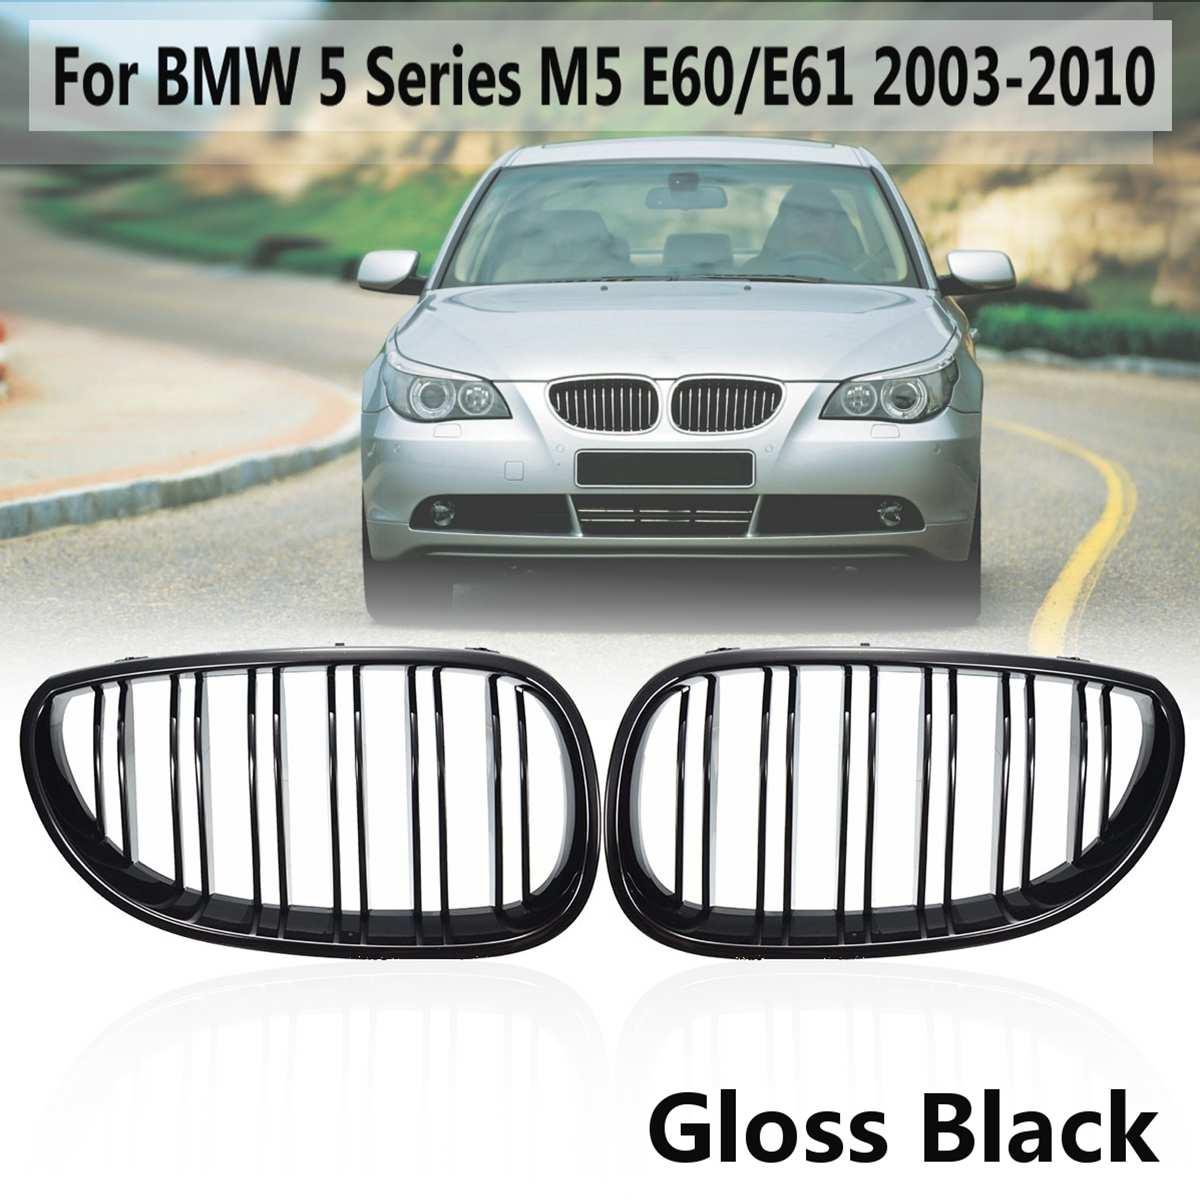 Grille de calandre Sport avant pour BMW série 5 M5 E60/E61 2003 2004 2005 2006 2007 2008 2009 2010 noir brillant